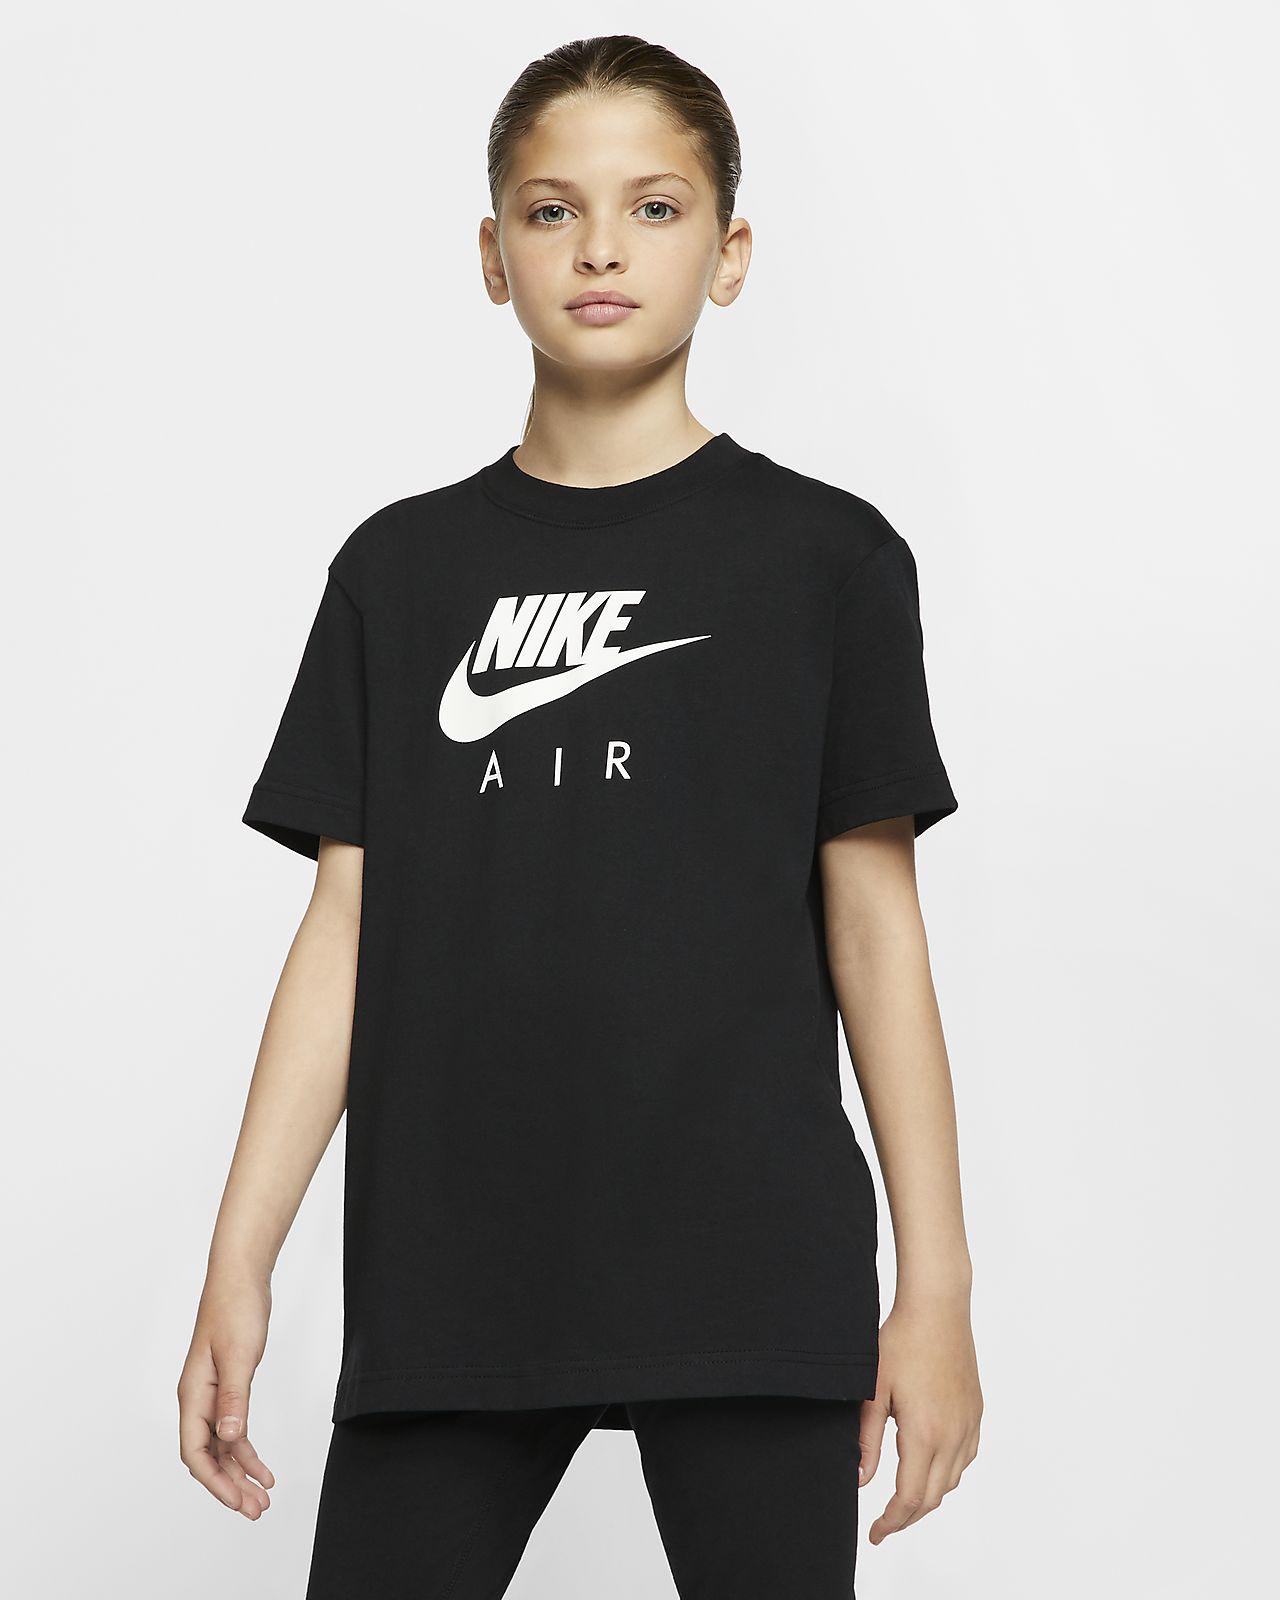 t shirt nike ragazzo 12 anni